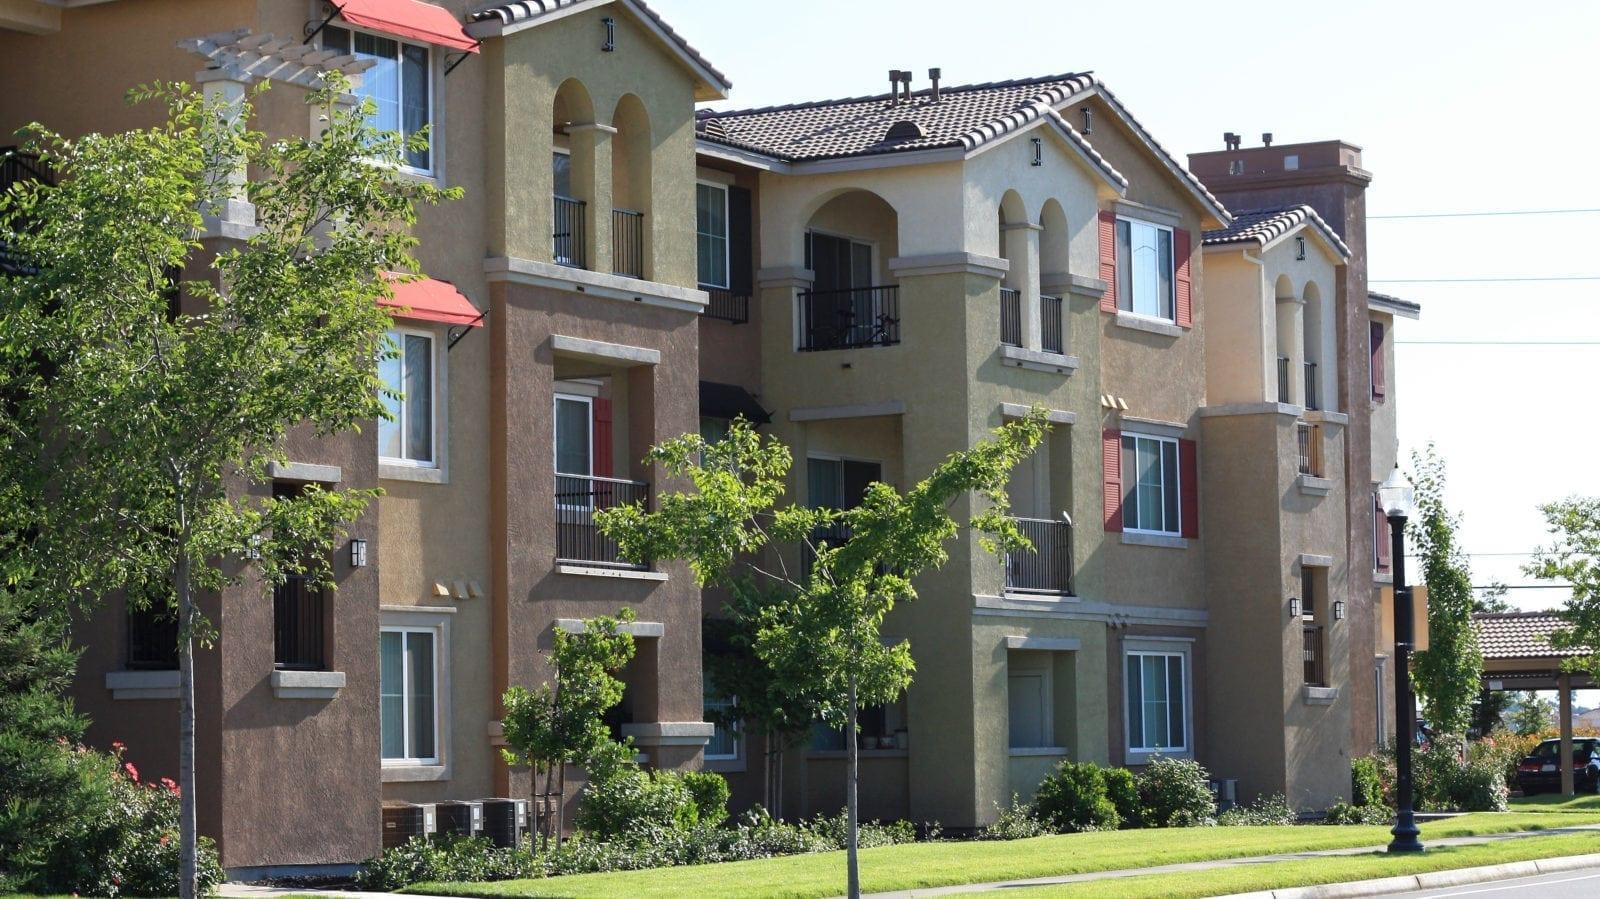 Apartment Complex Exterior Stock Photo